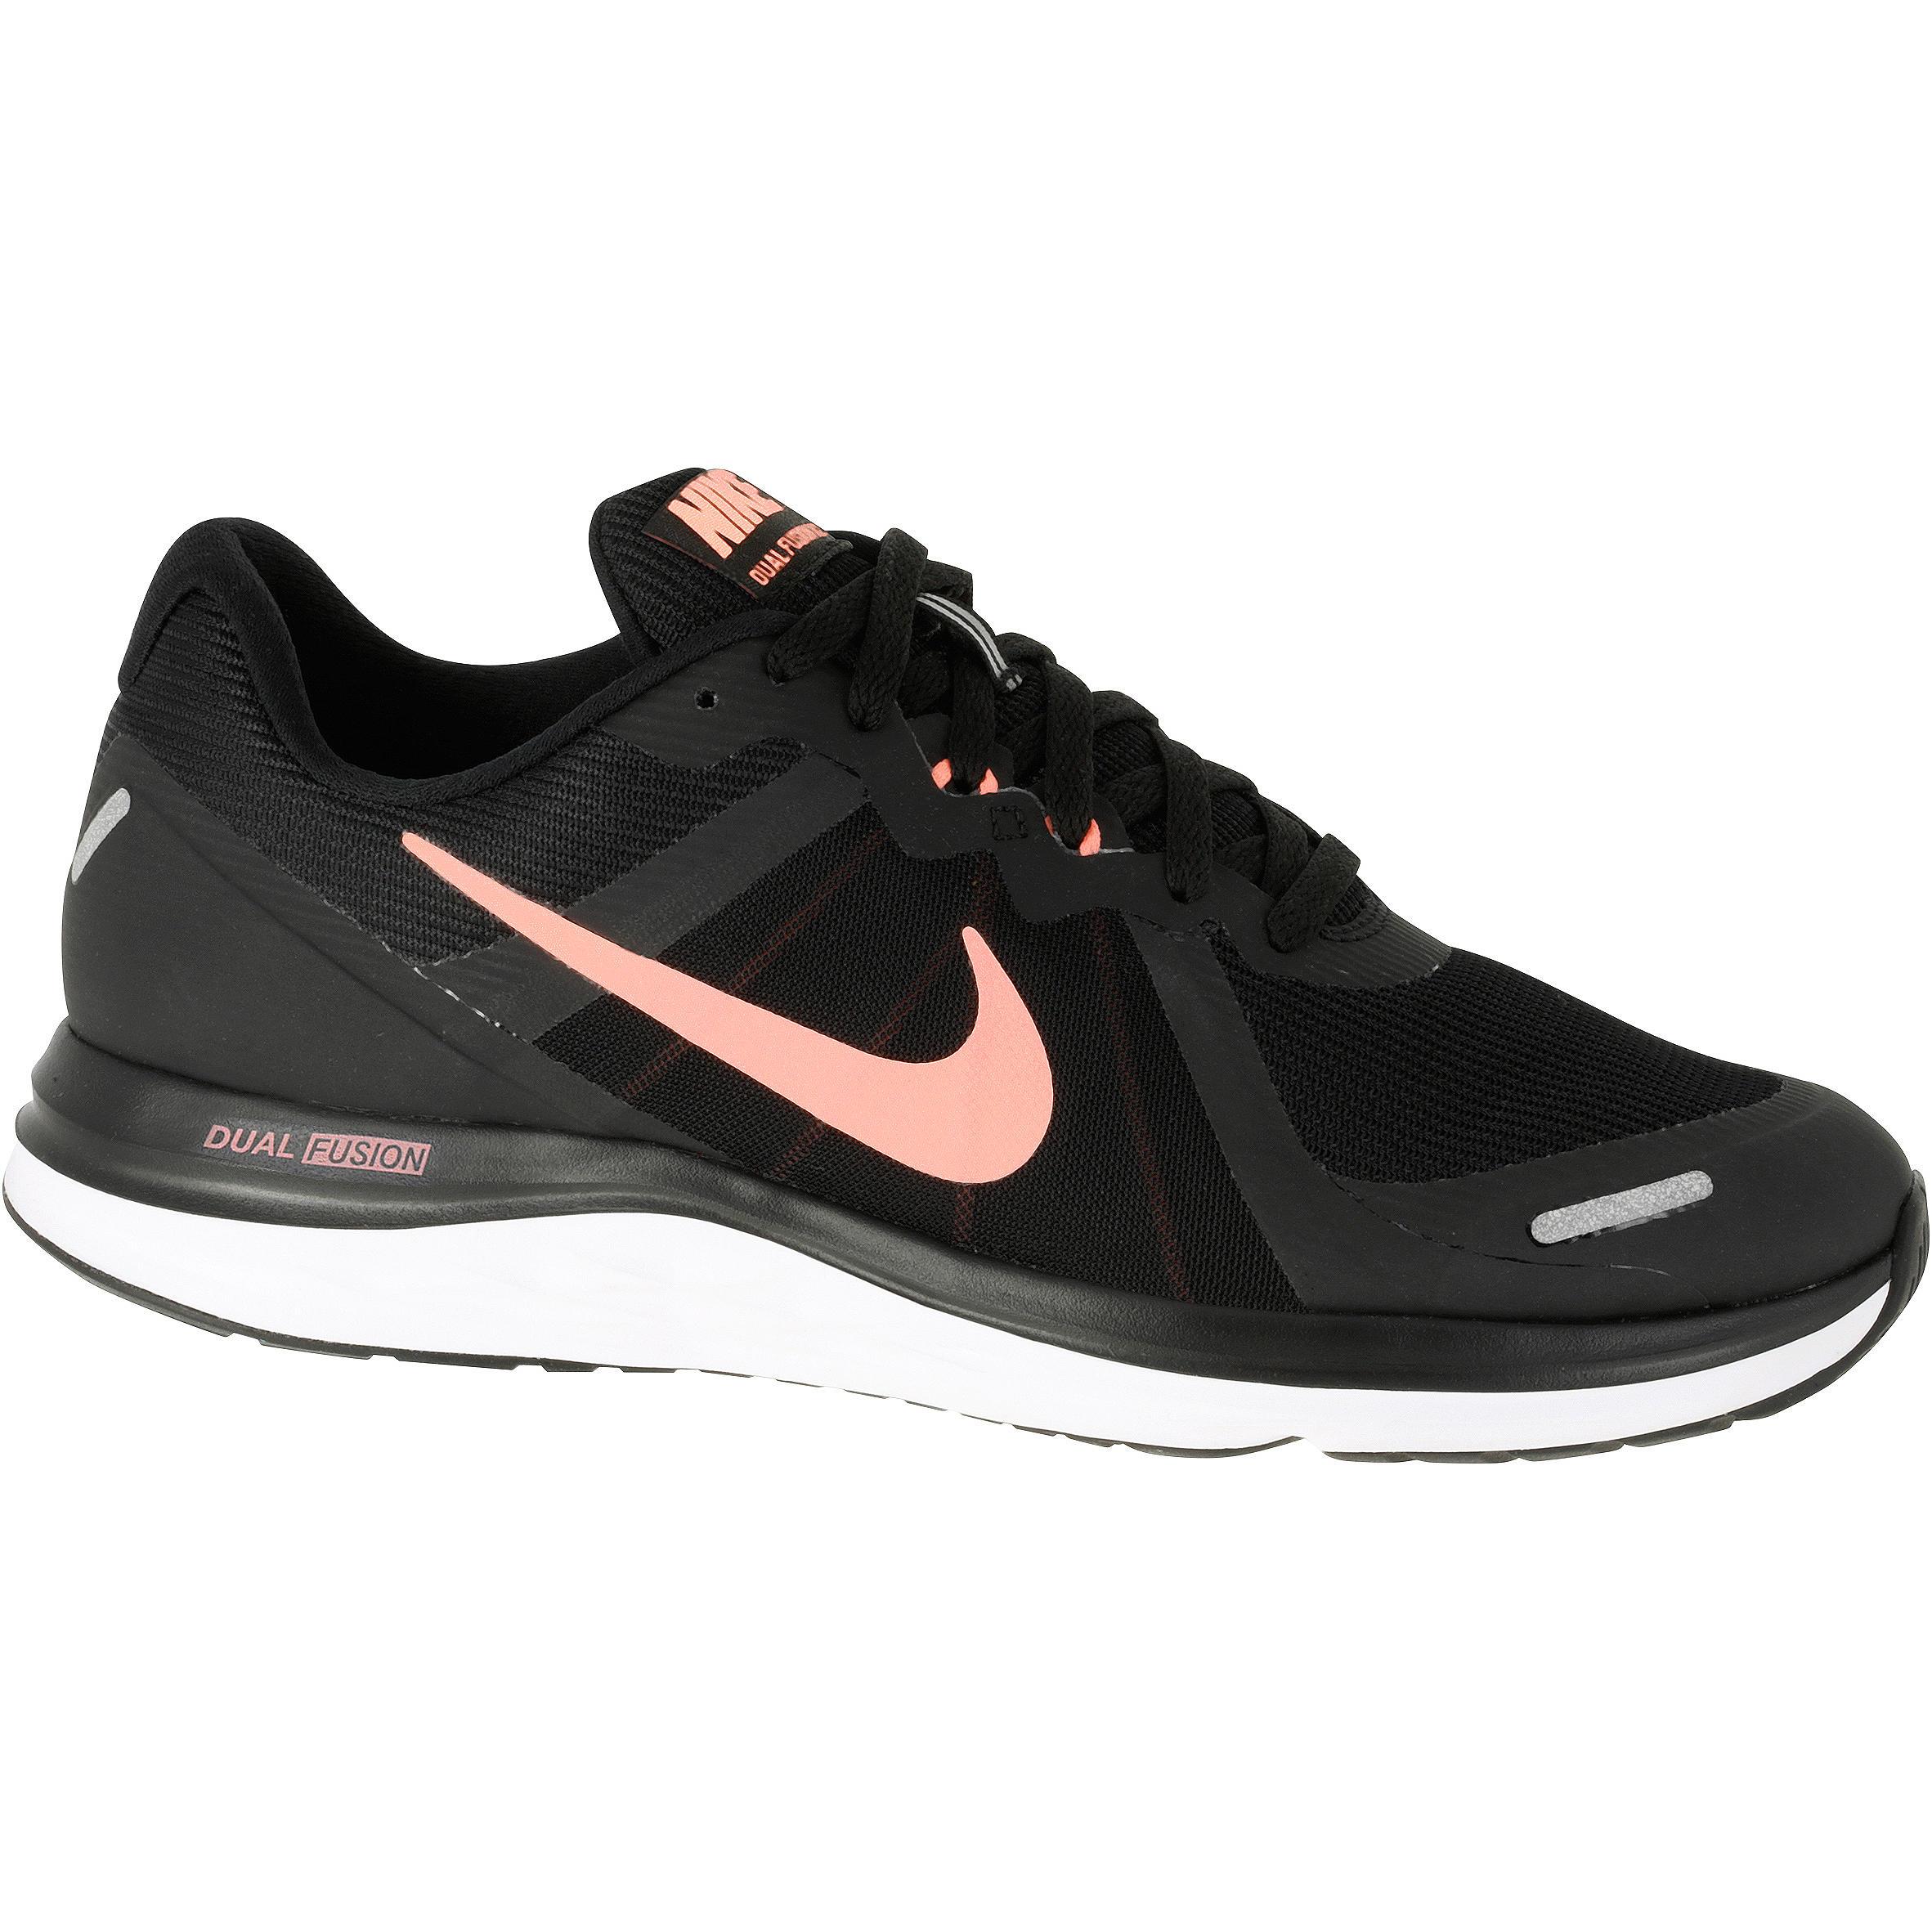 reputable site ff96d c83de Chaussures running Femmes   Decathlon